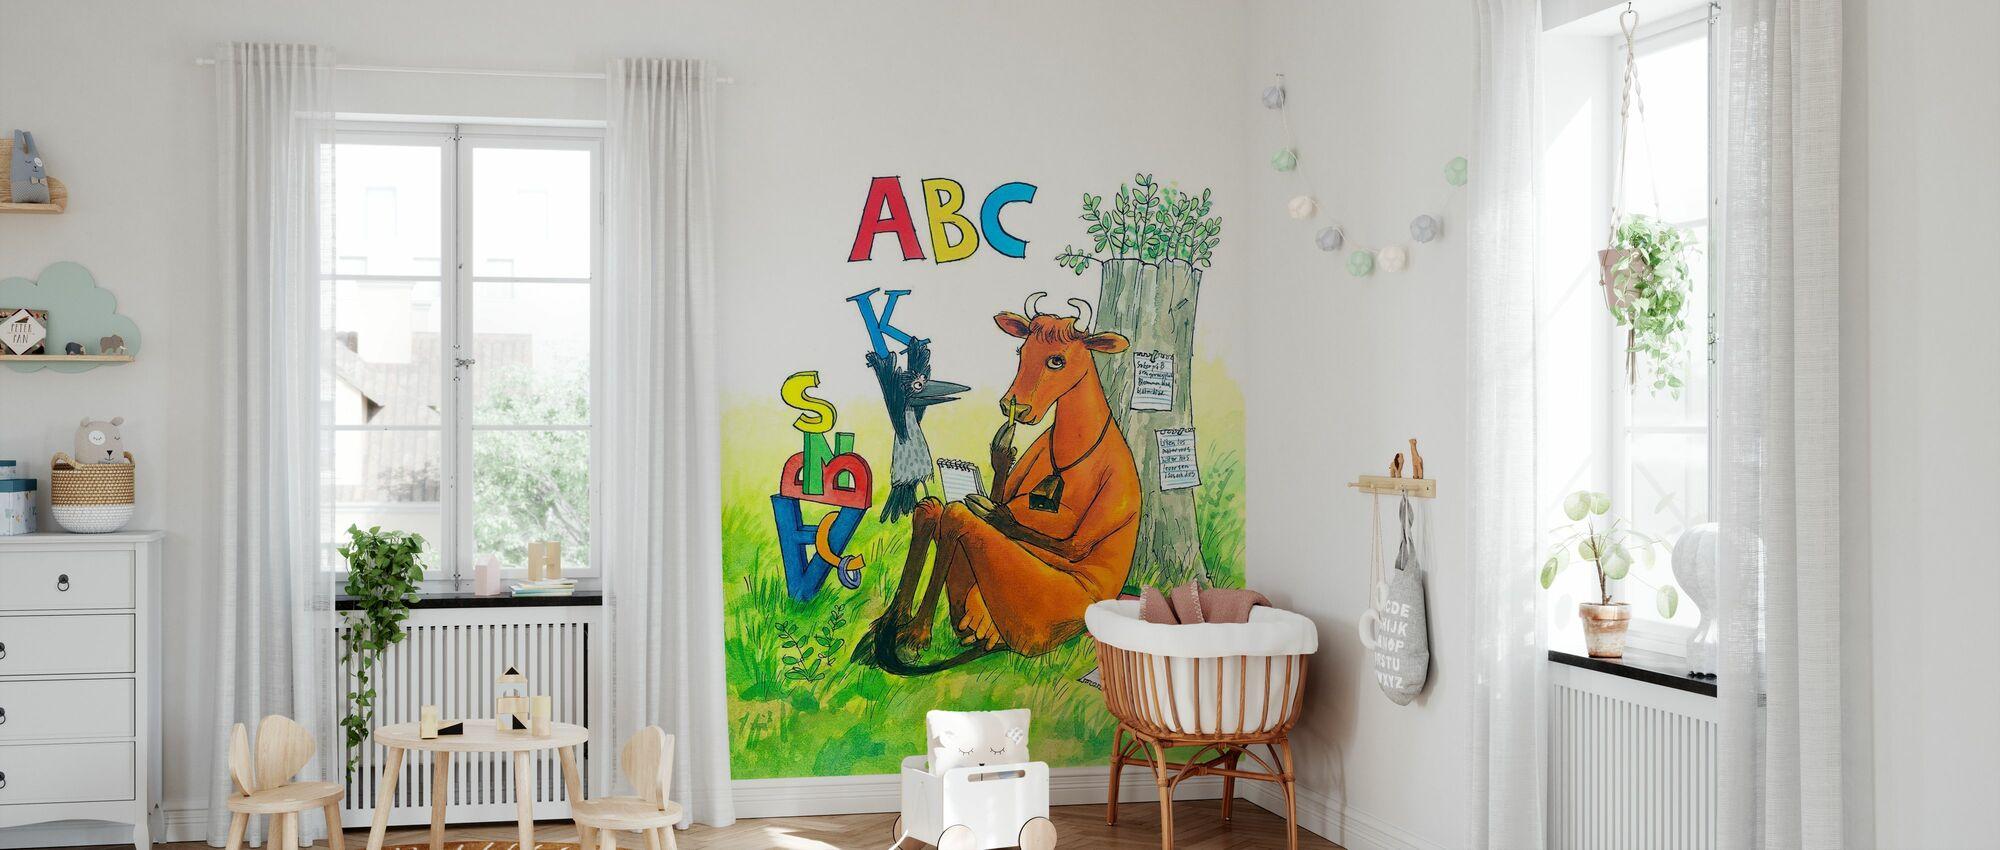 Äiti Mu & Varis - Äiti Mu ABC - Tapetti - Vauvan huone